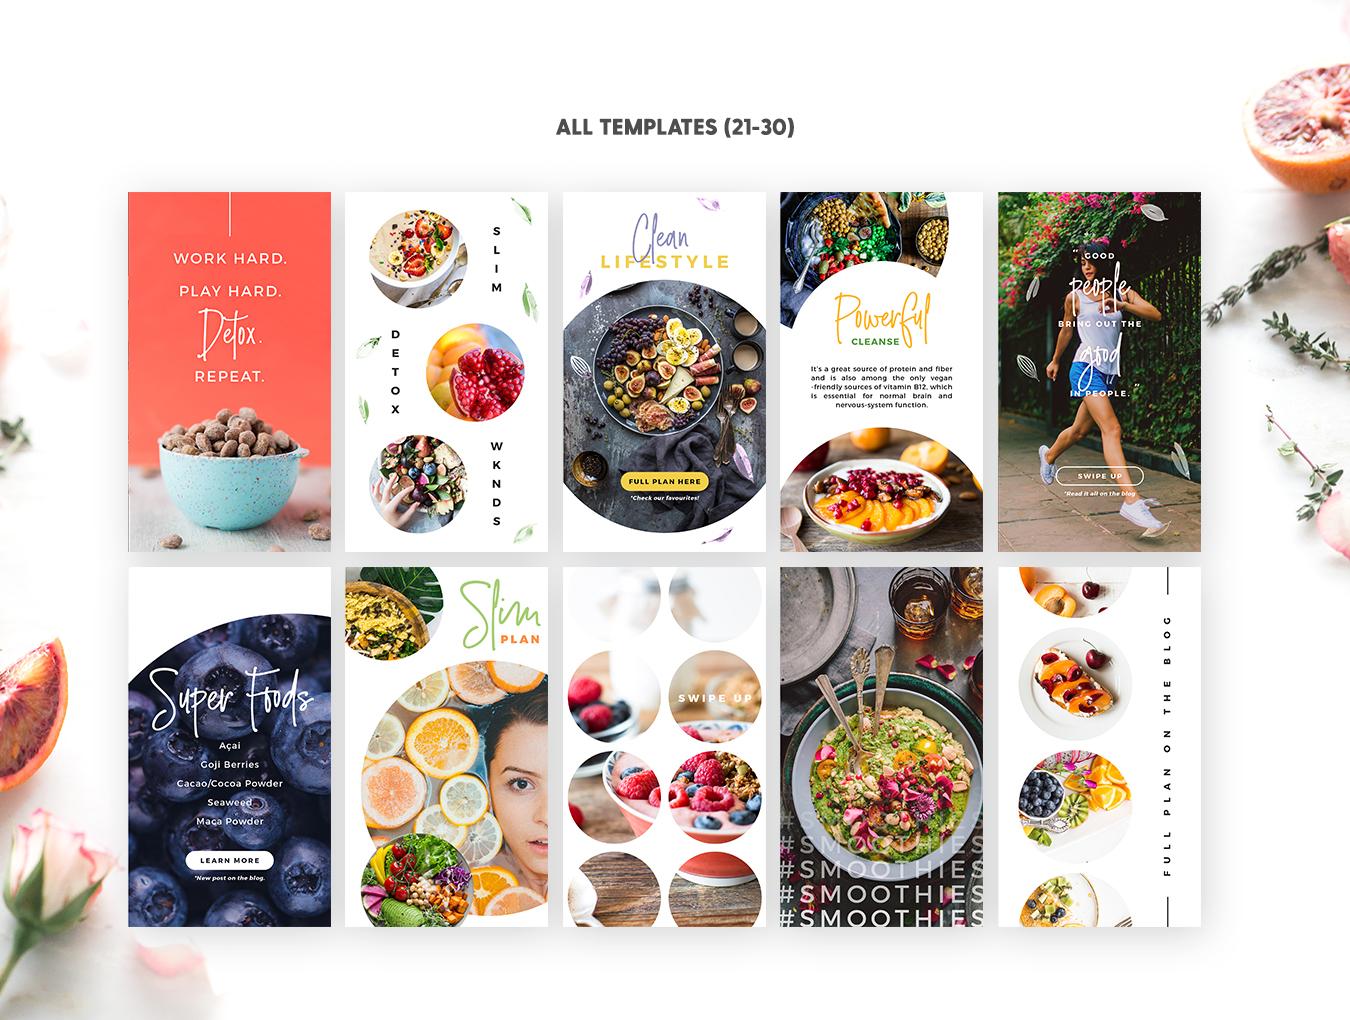 营养美食健身运动博主Instagram社交设计素材包 Detox Week Insta Stories插图(4)